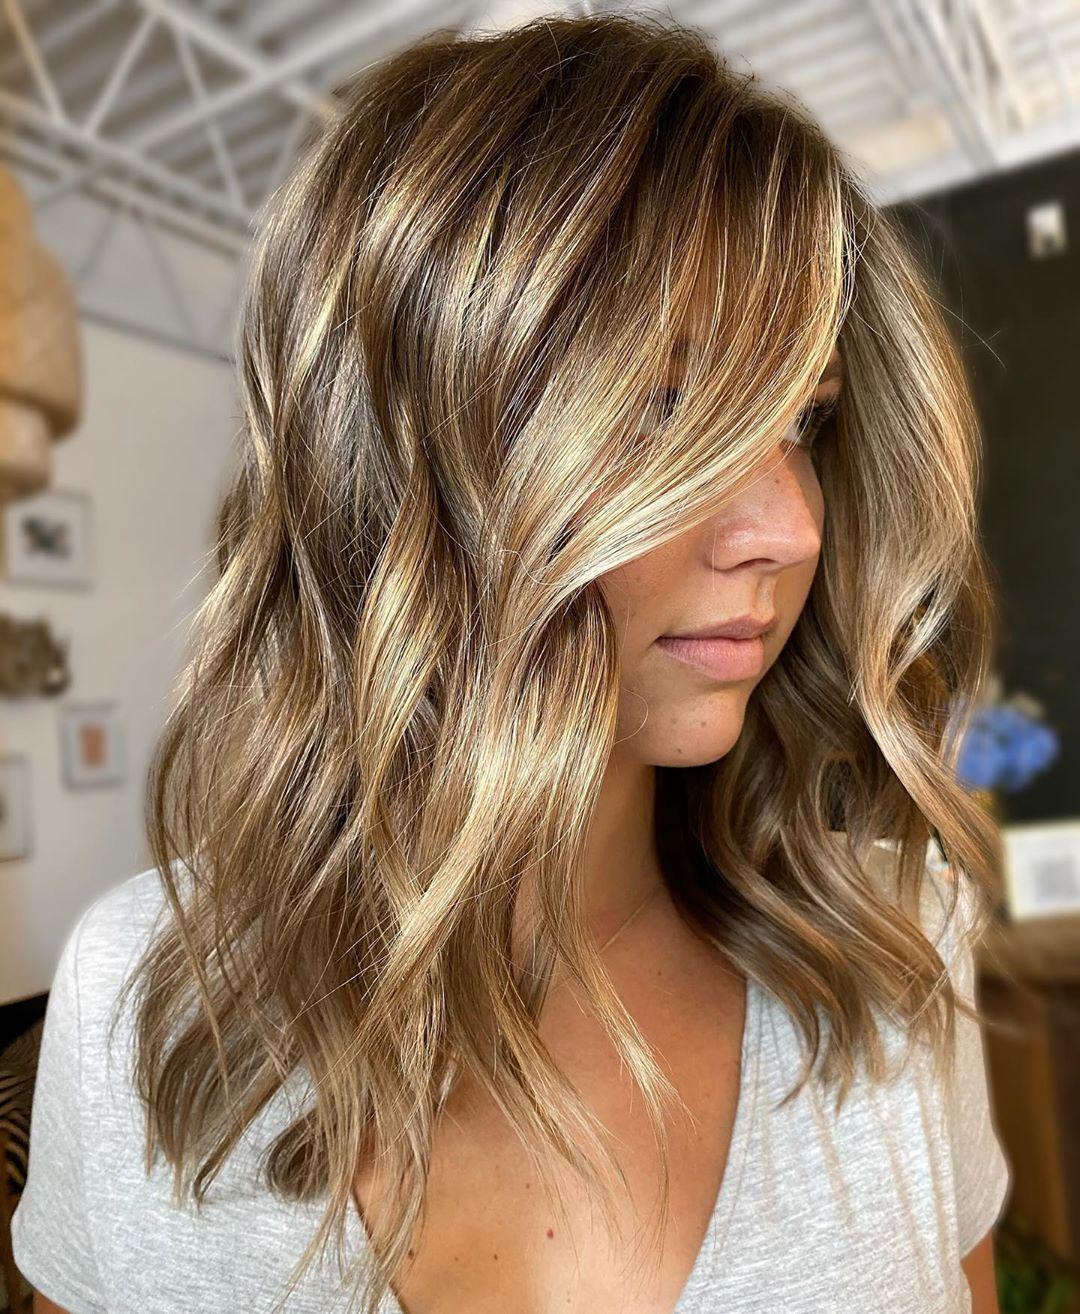 40++ Medium layered haircuts for thin hair inspirations